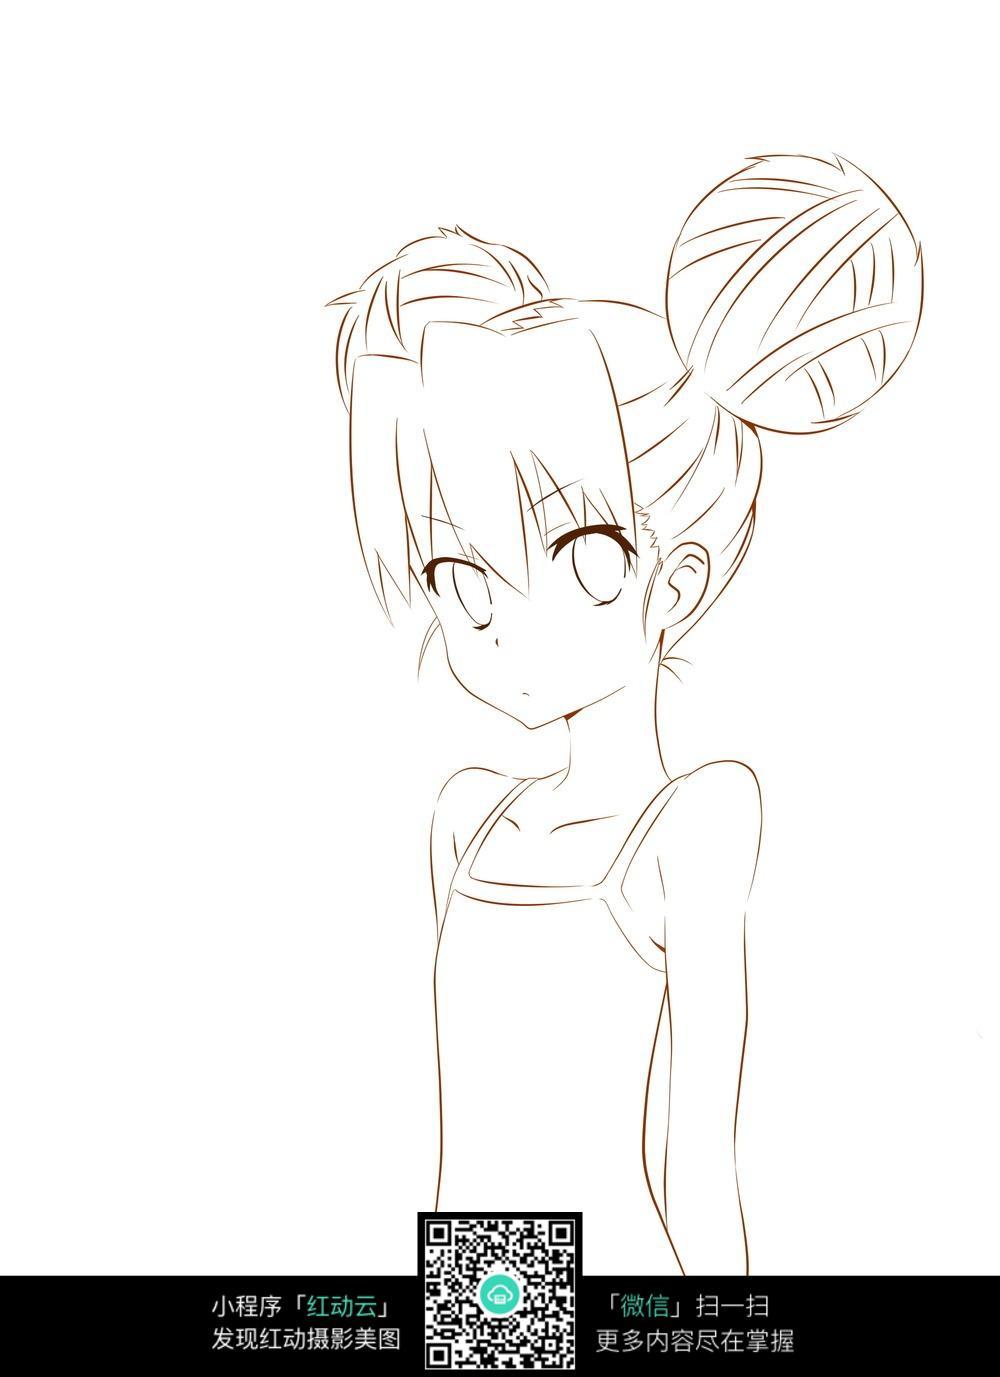 可爱丸子头的女孩